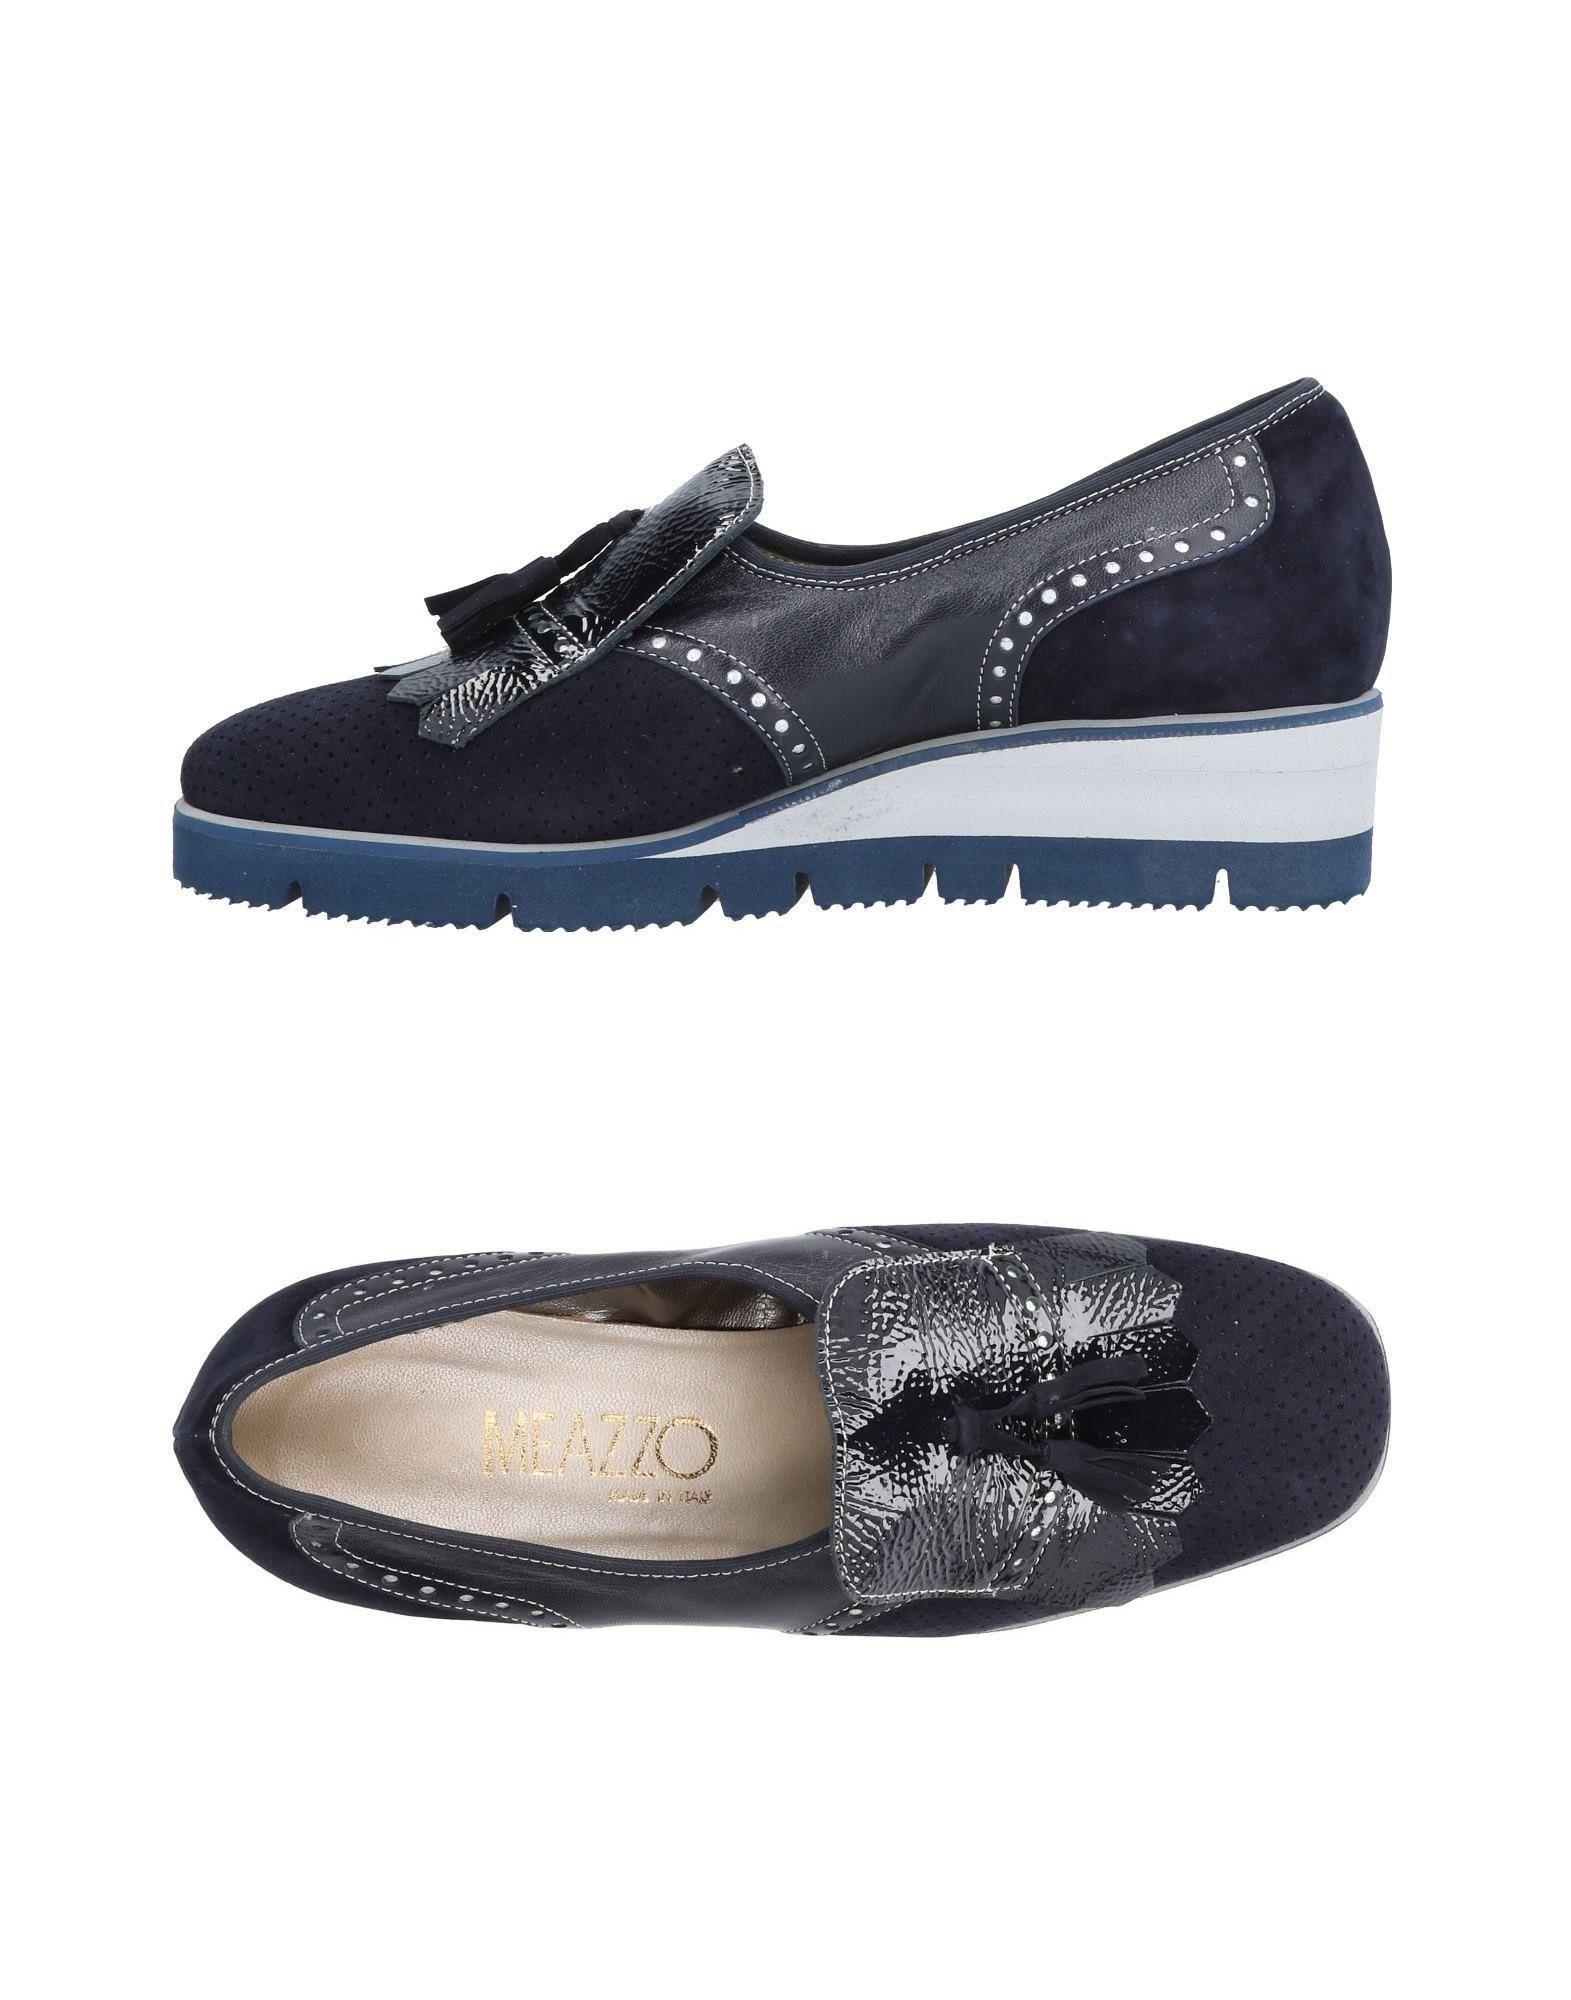 Meazzo Mokassins Damen  11481841HD Gute Qualität beliebte Schuhe